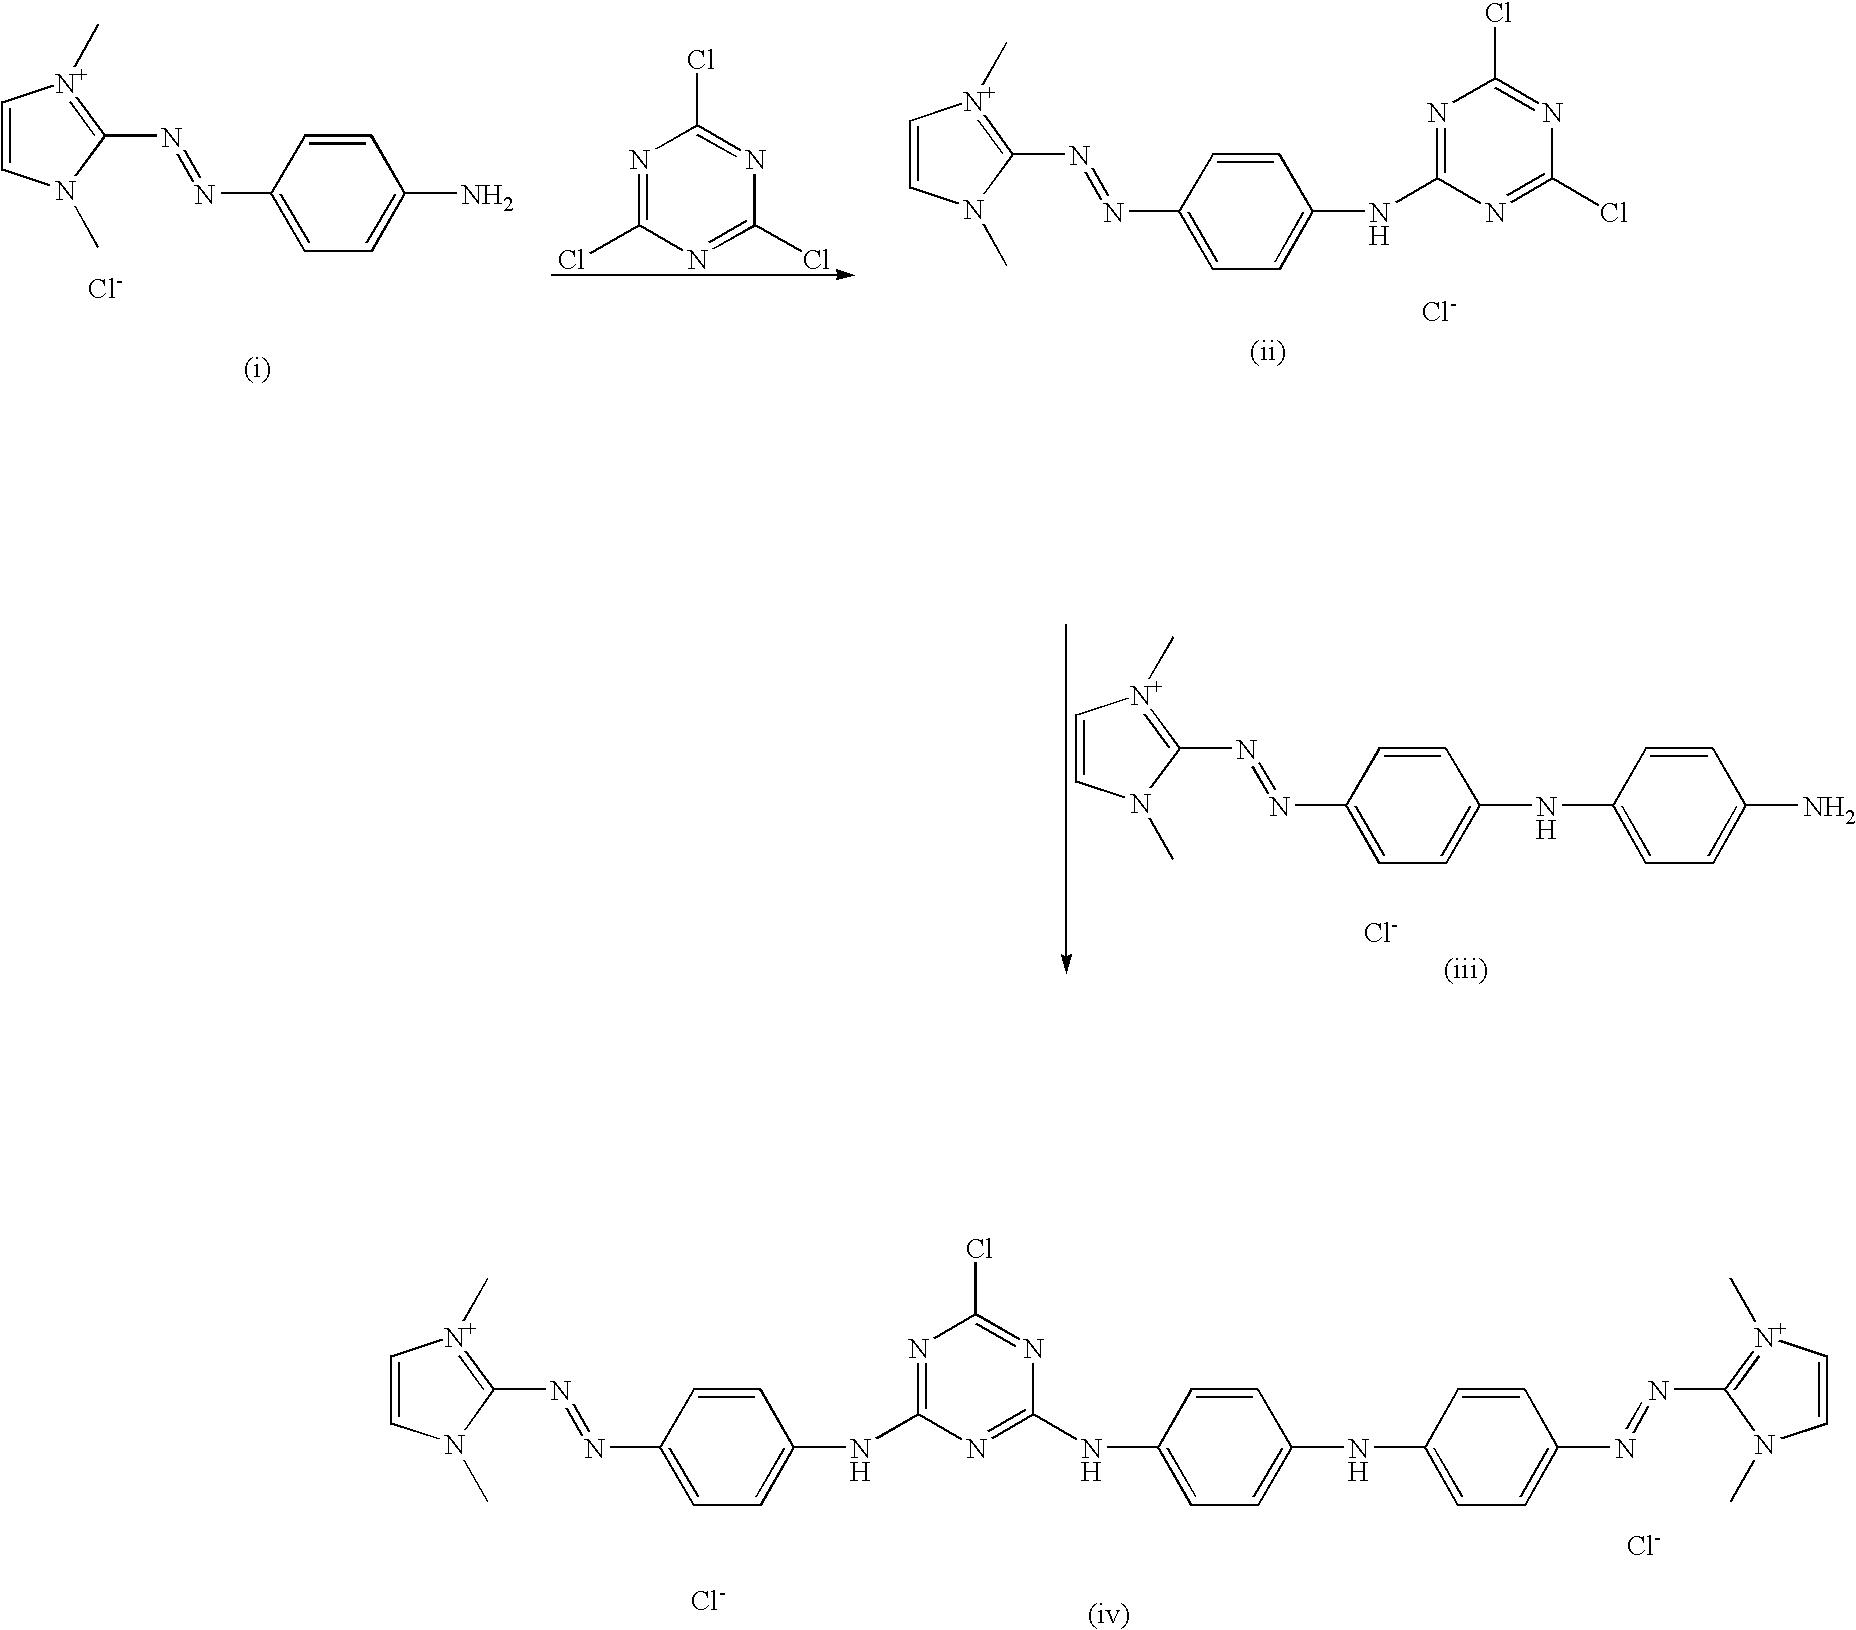 Figure US20050204483A1-20050922-C00007